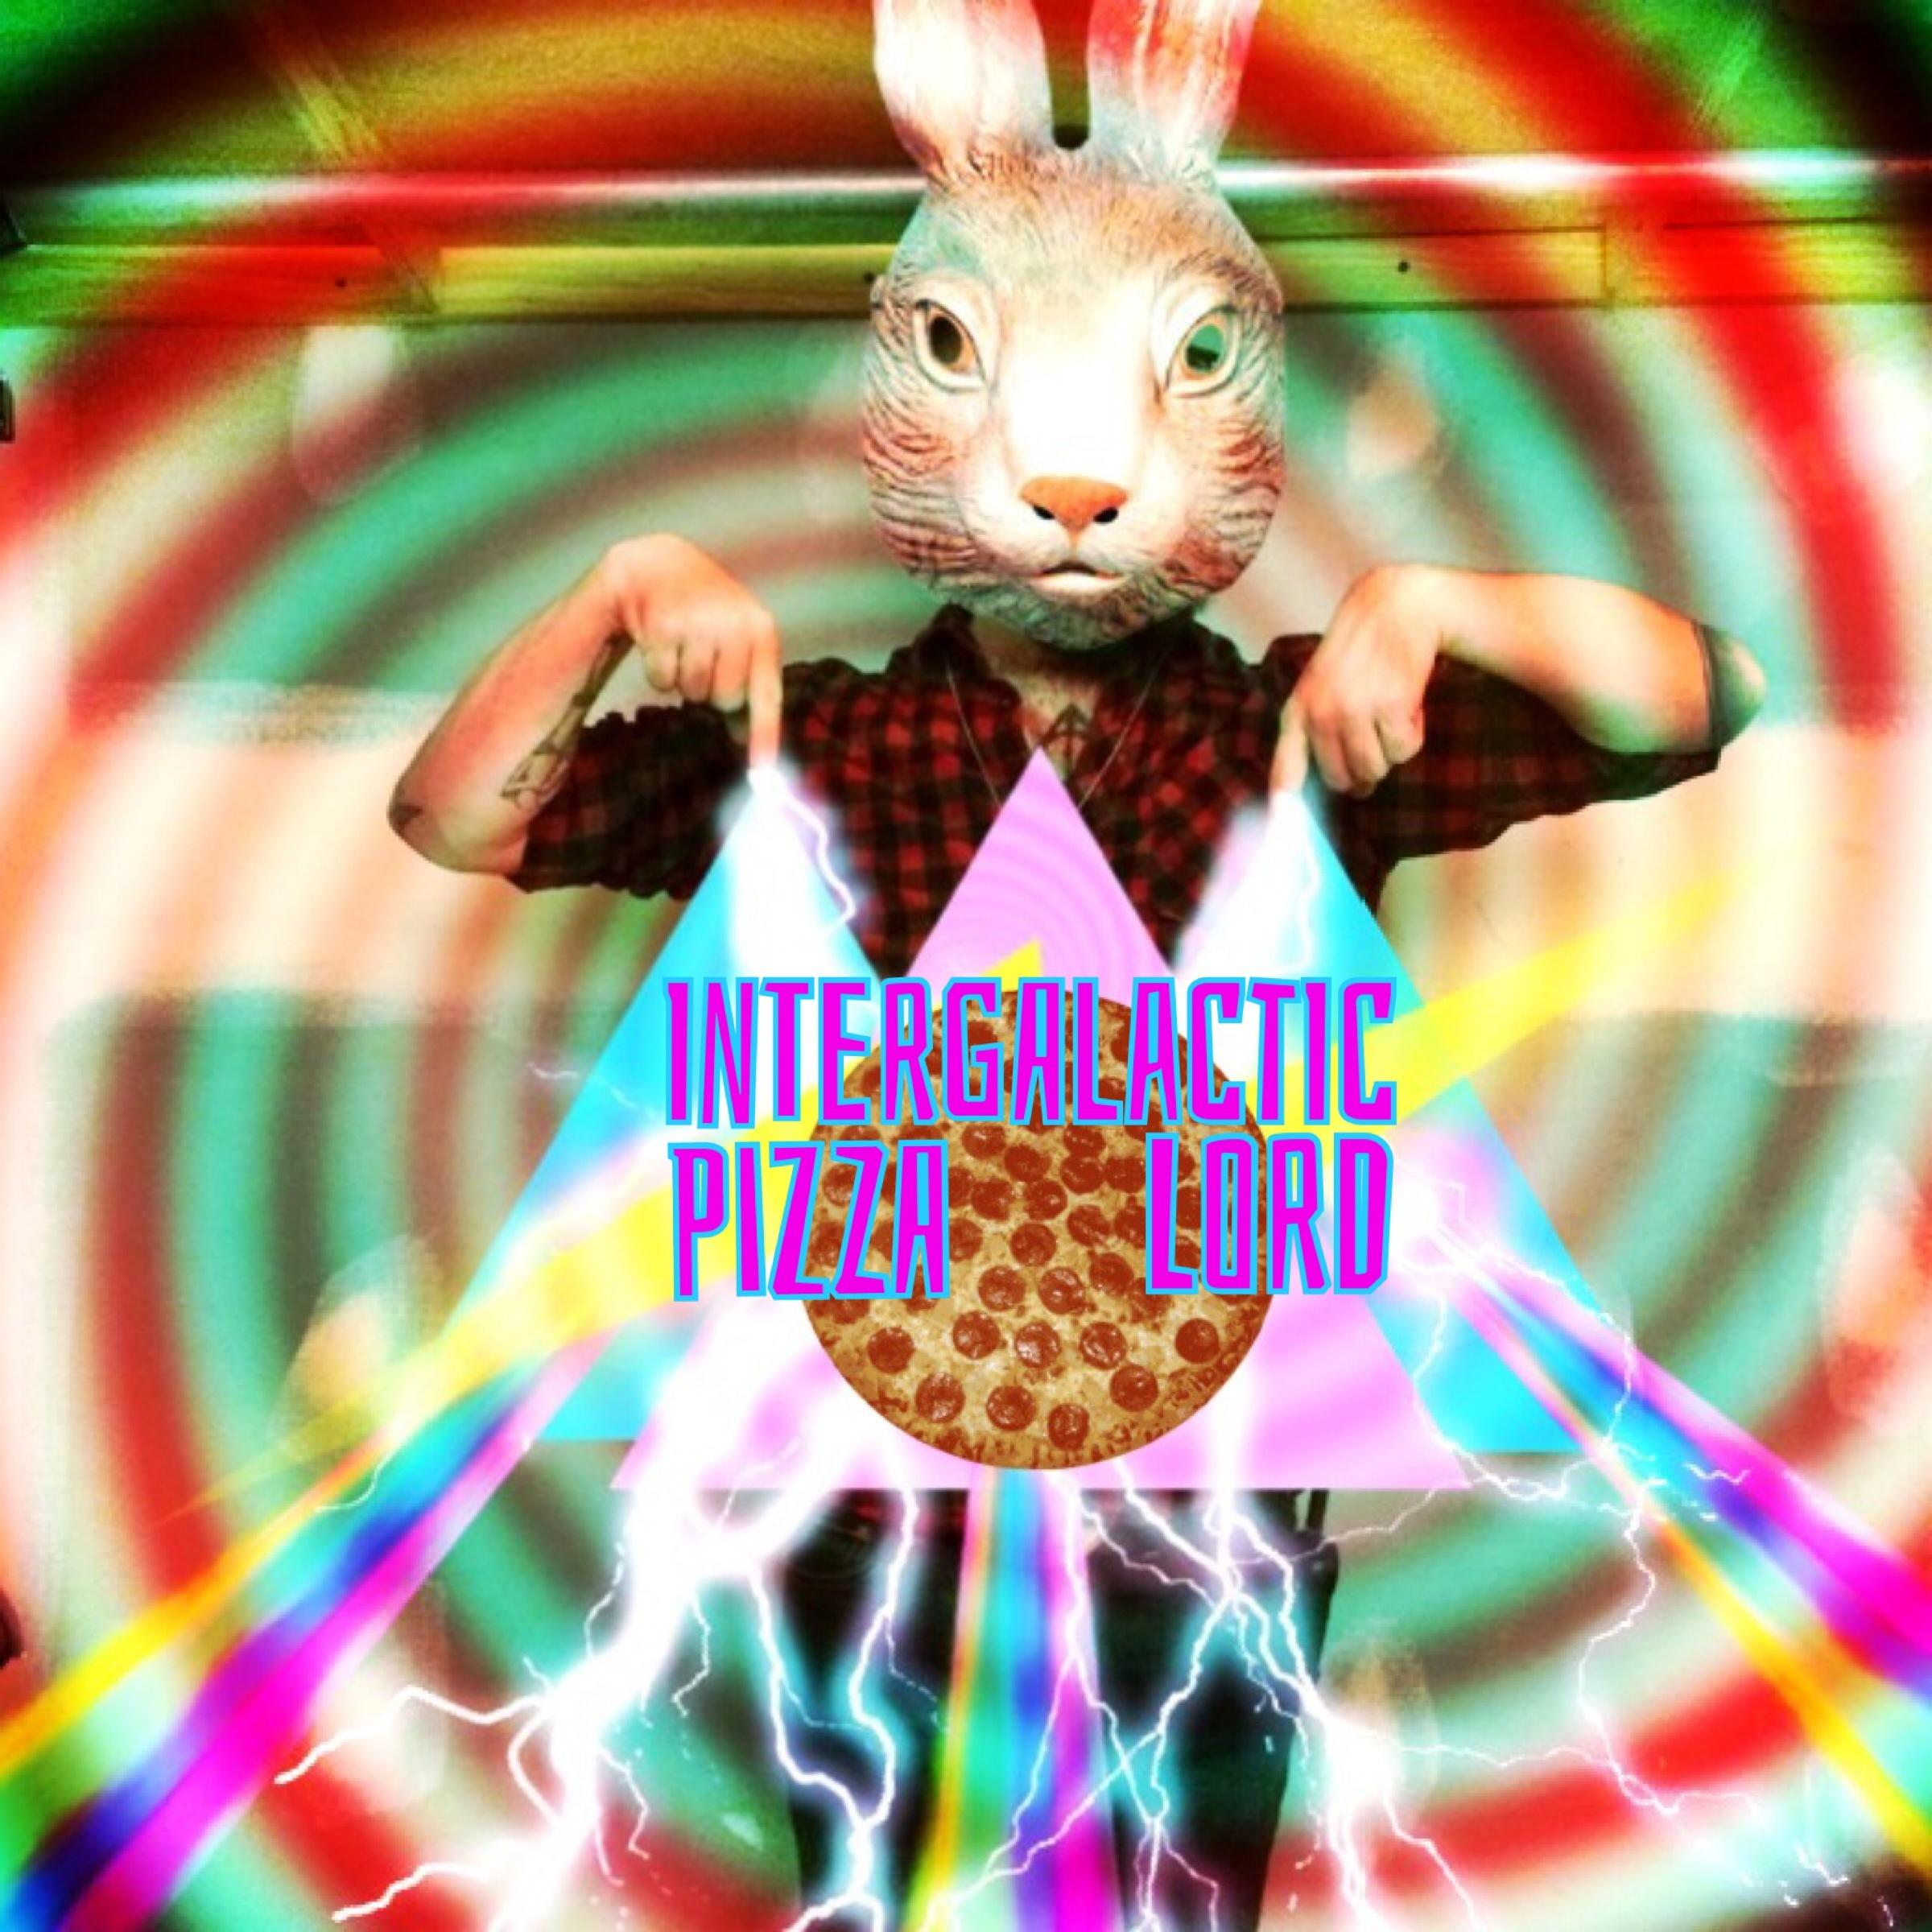 Intergalatic Pizza Lord Tristan 00.jpg